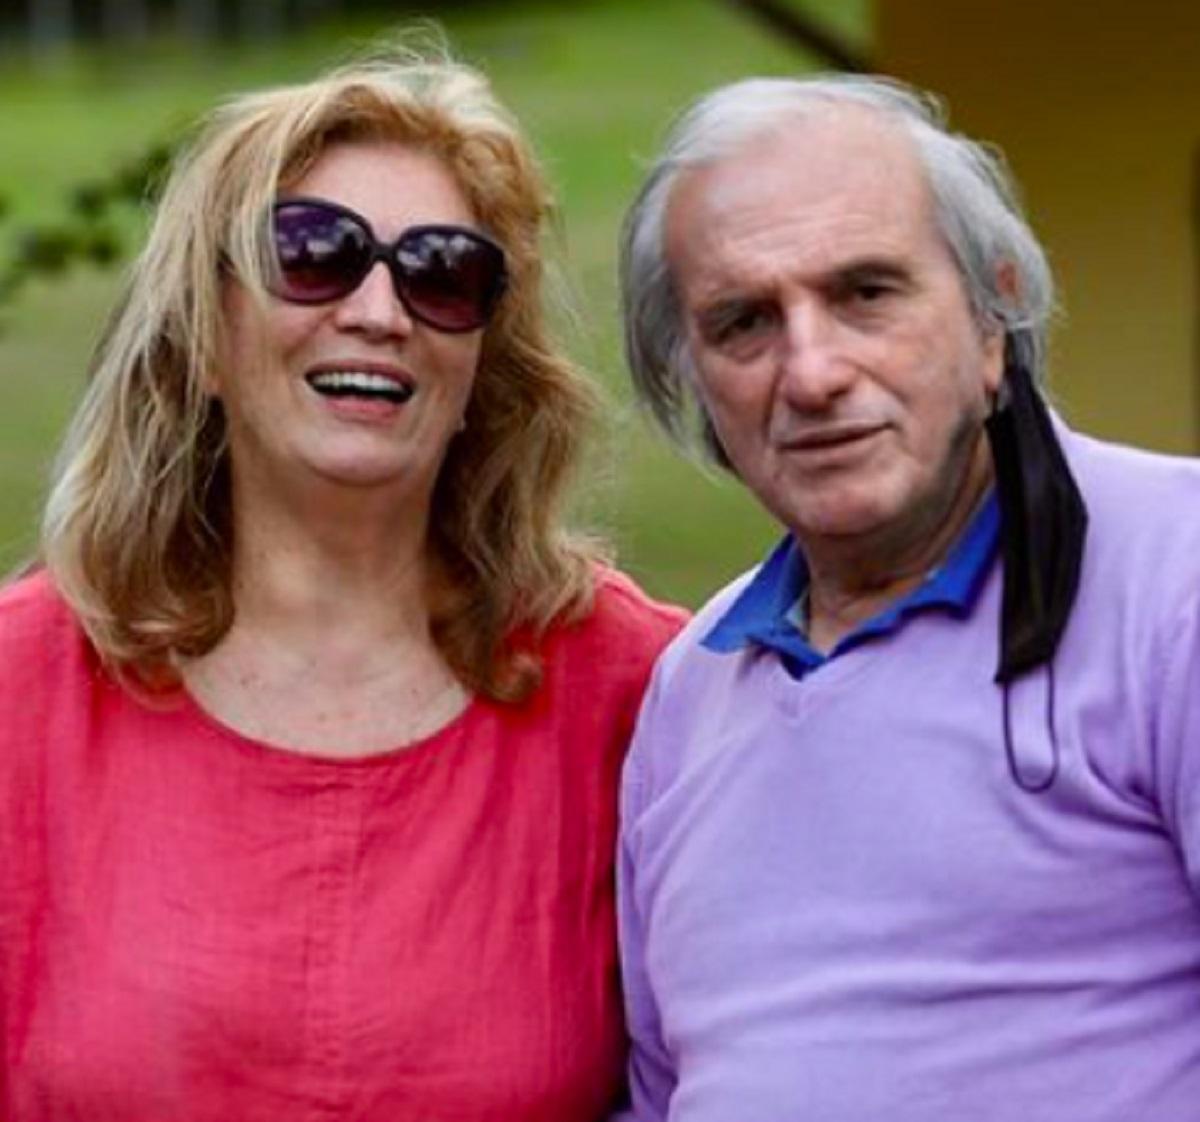 Iva Zanicchi morte fratello Antonio confessione